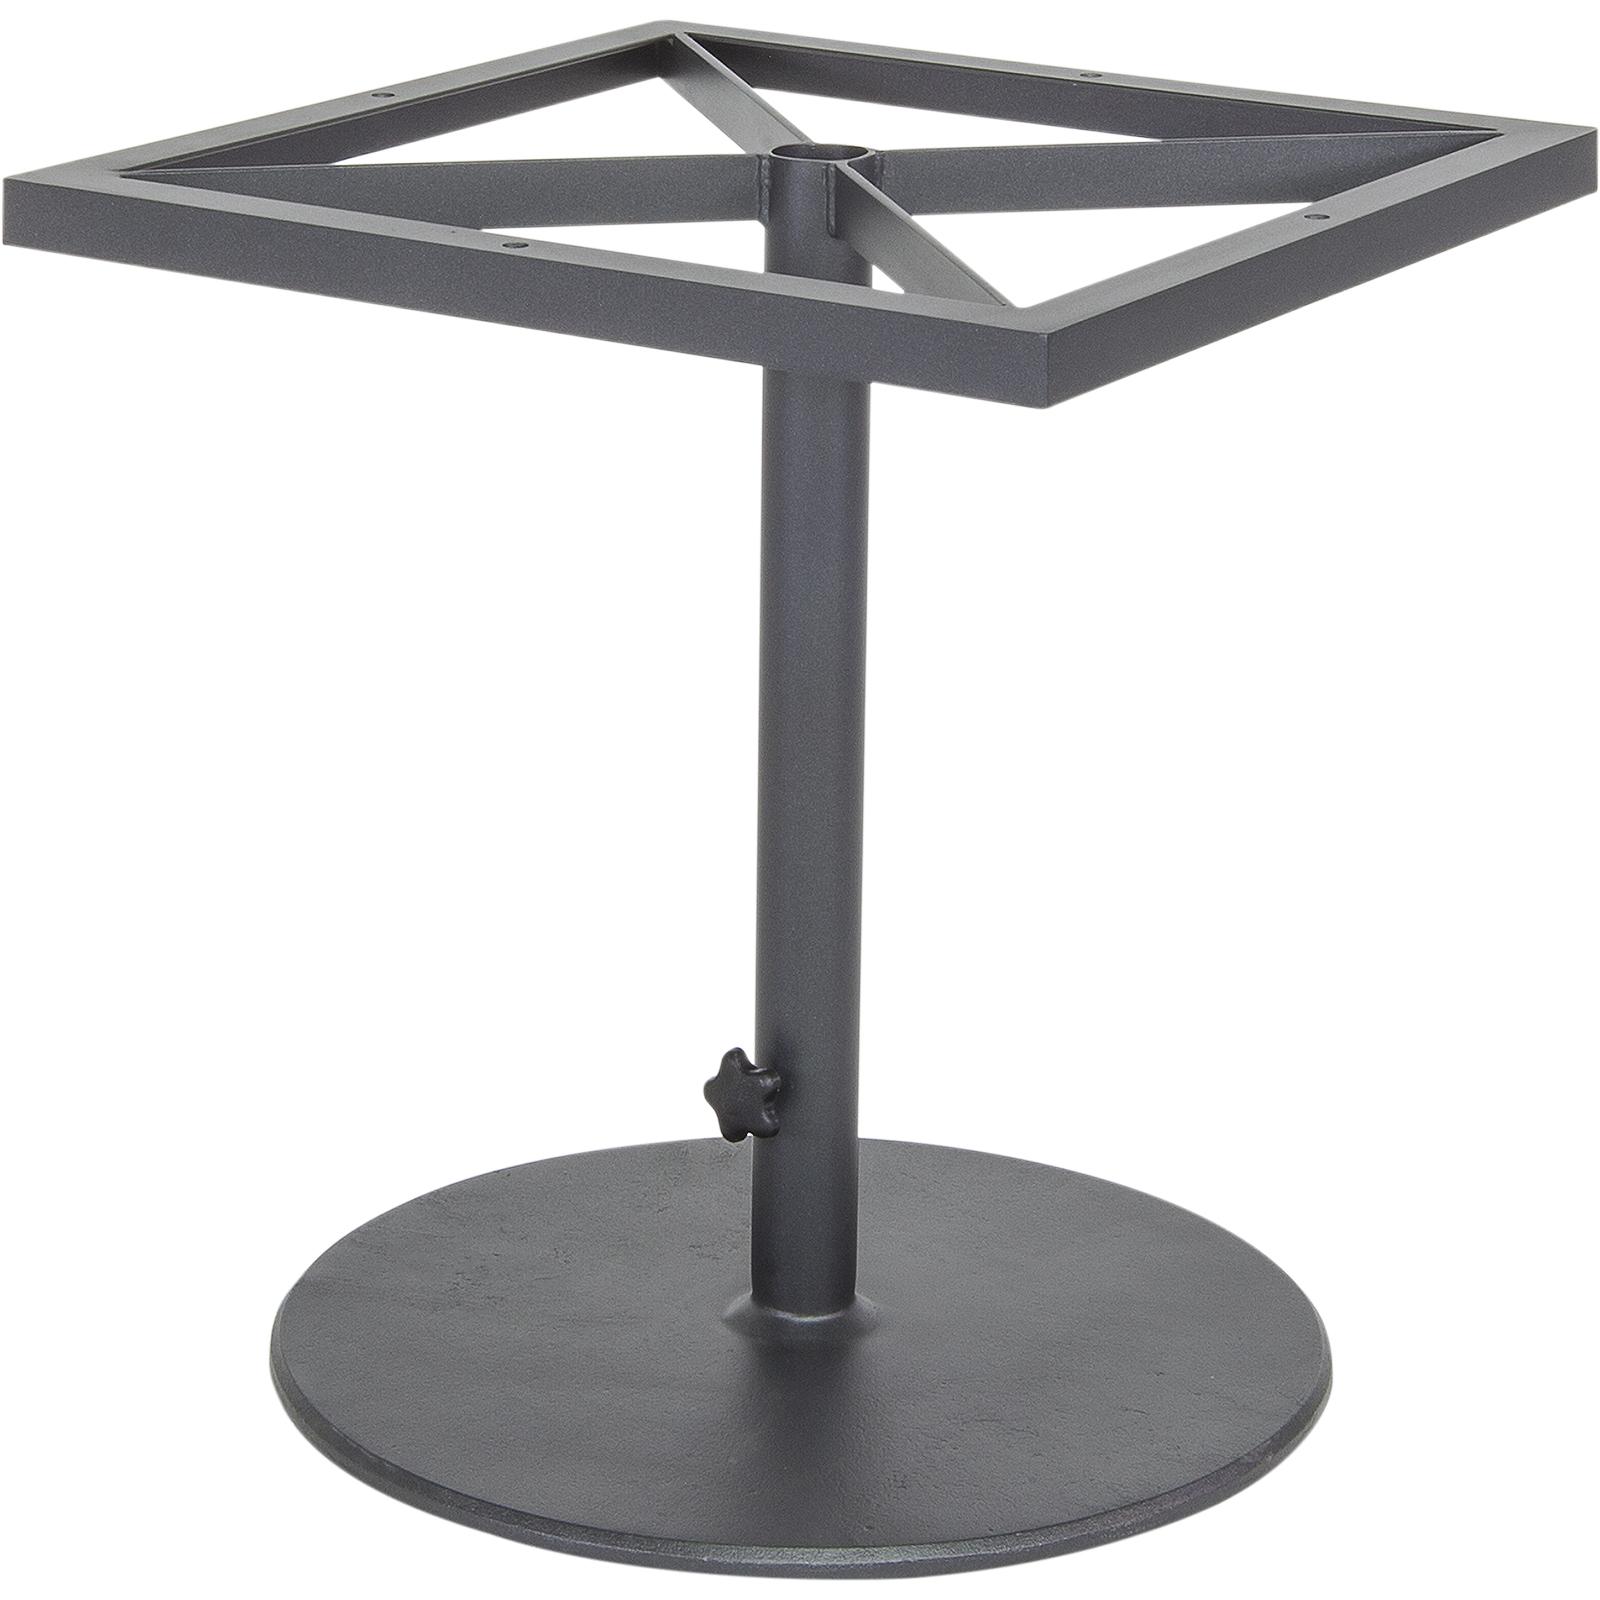 Pedestal Iron Bases